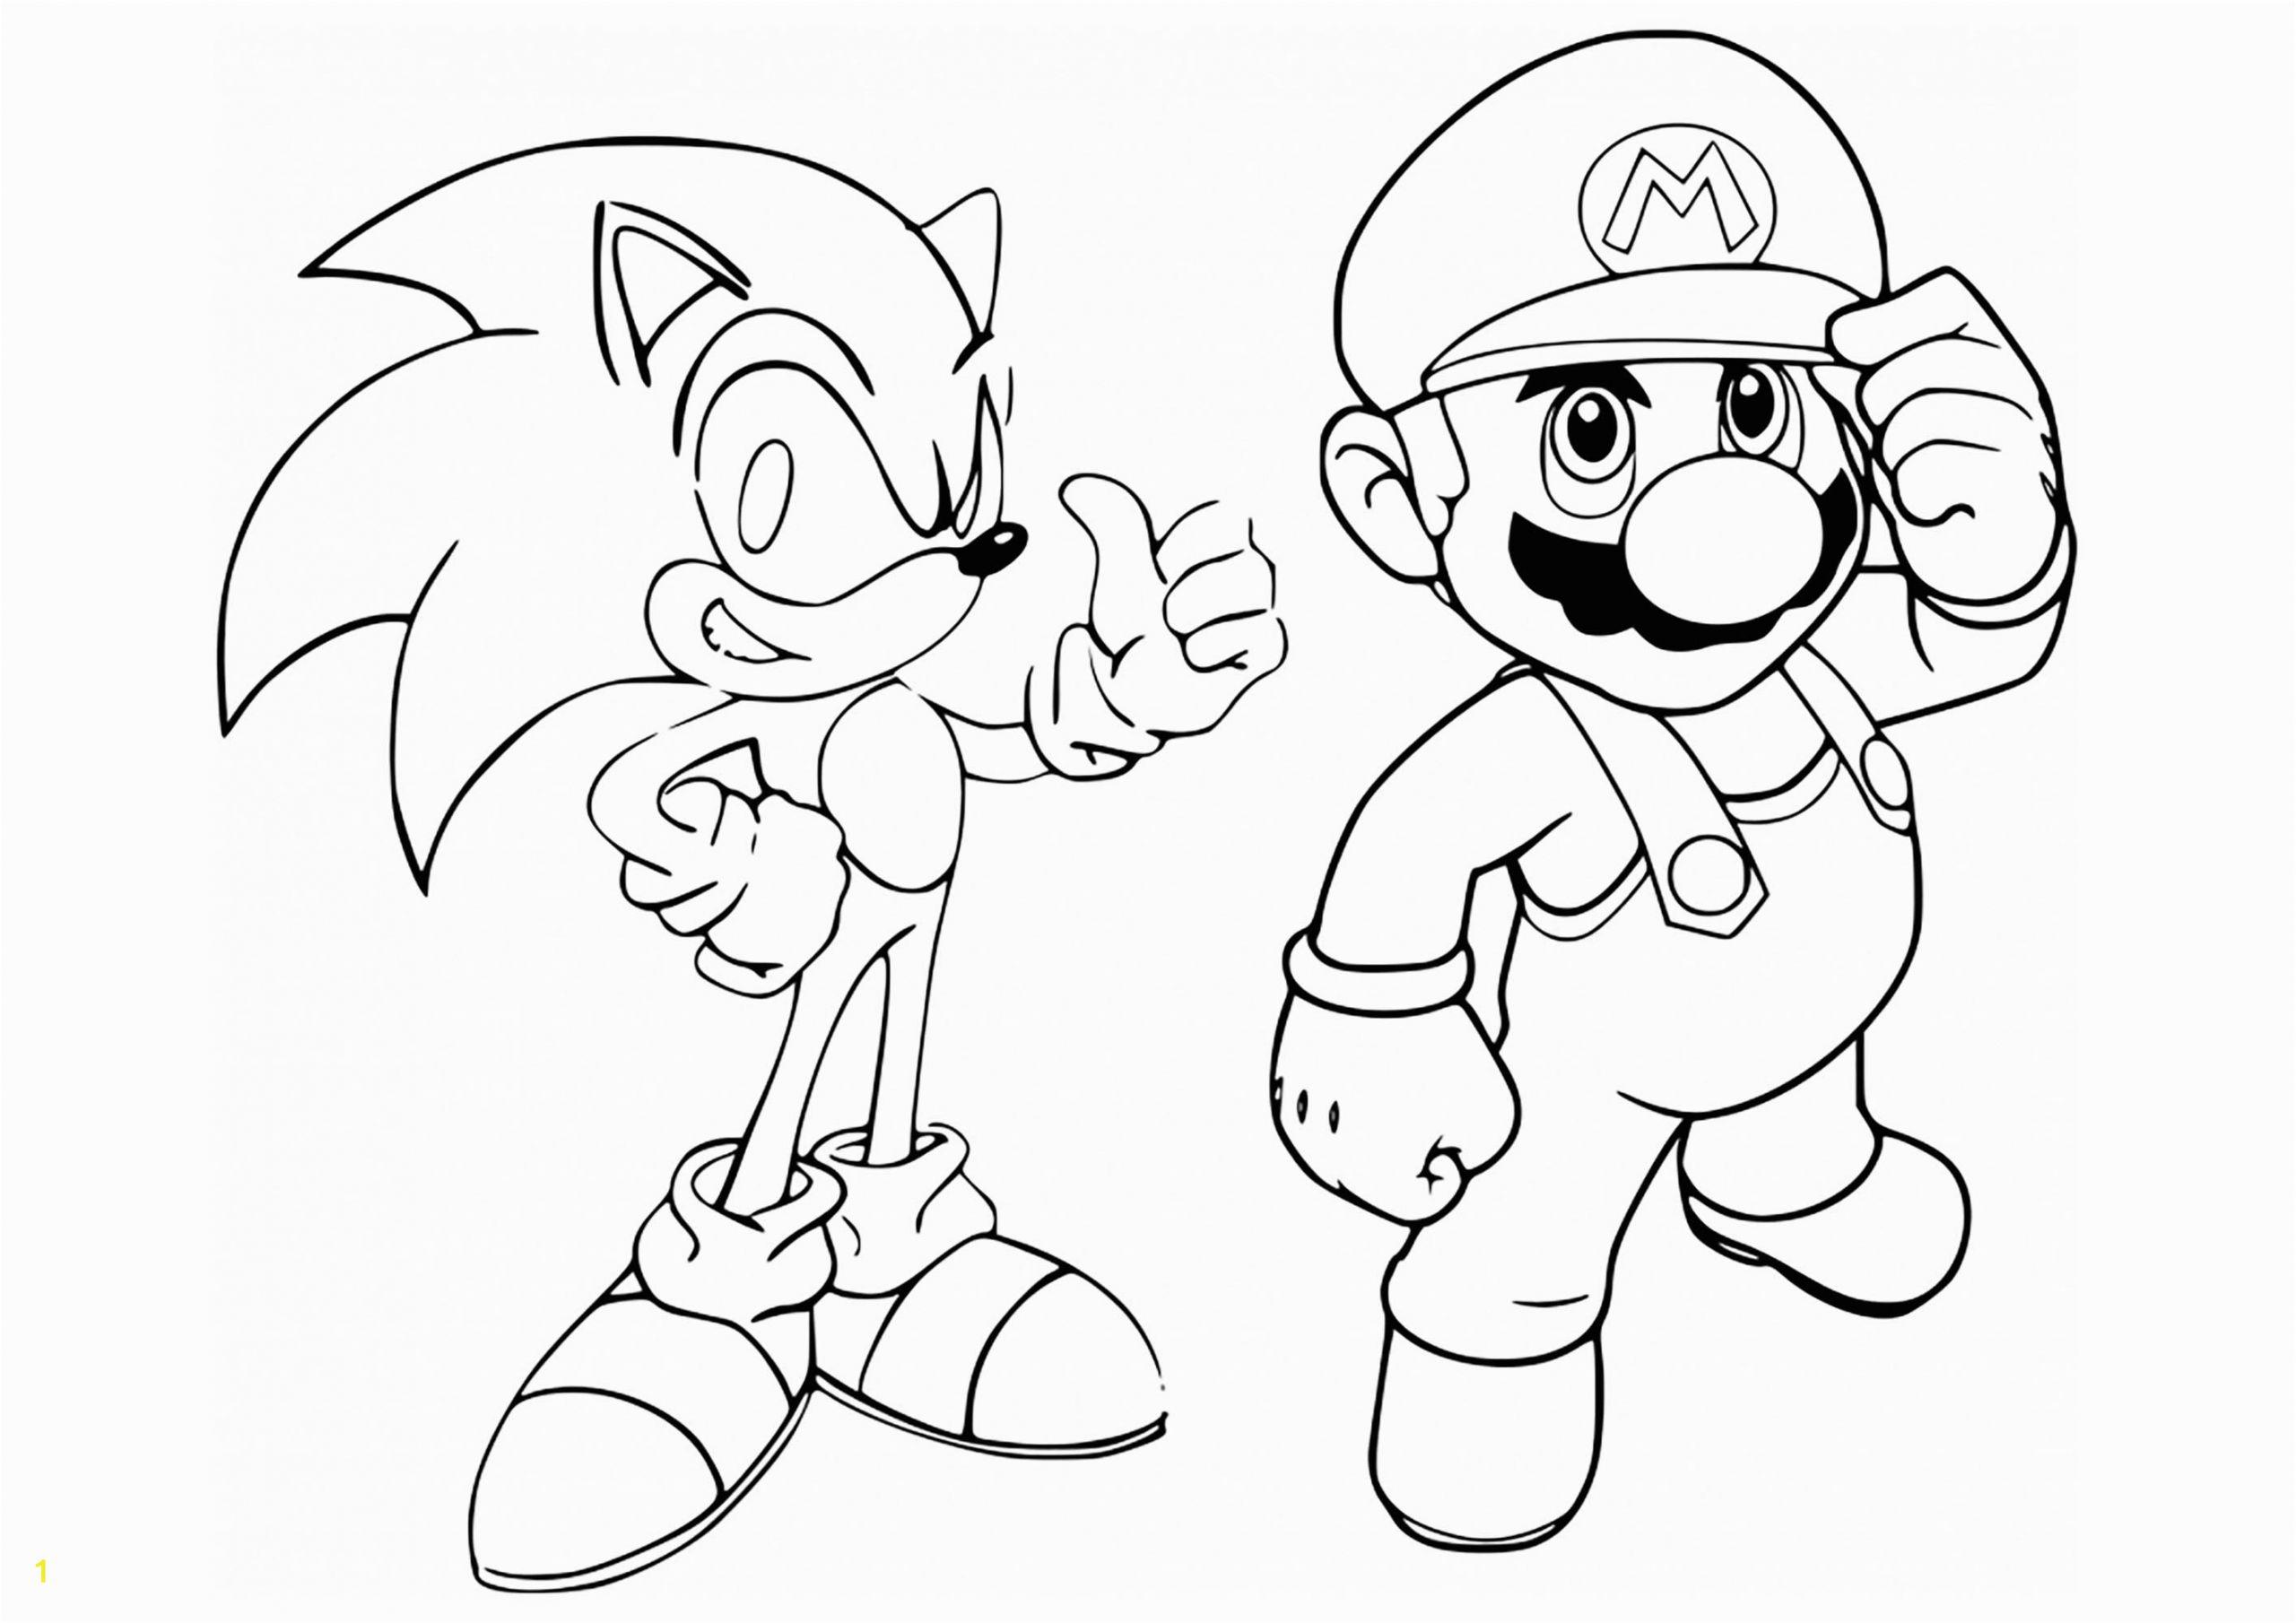 image=mario bros coloring mario and sonic 1